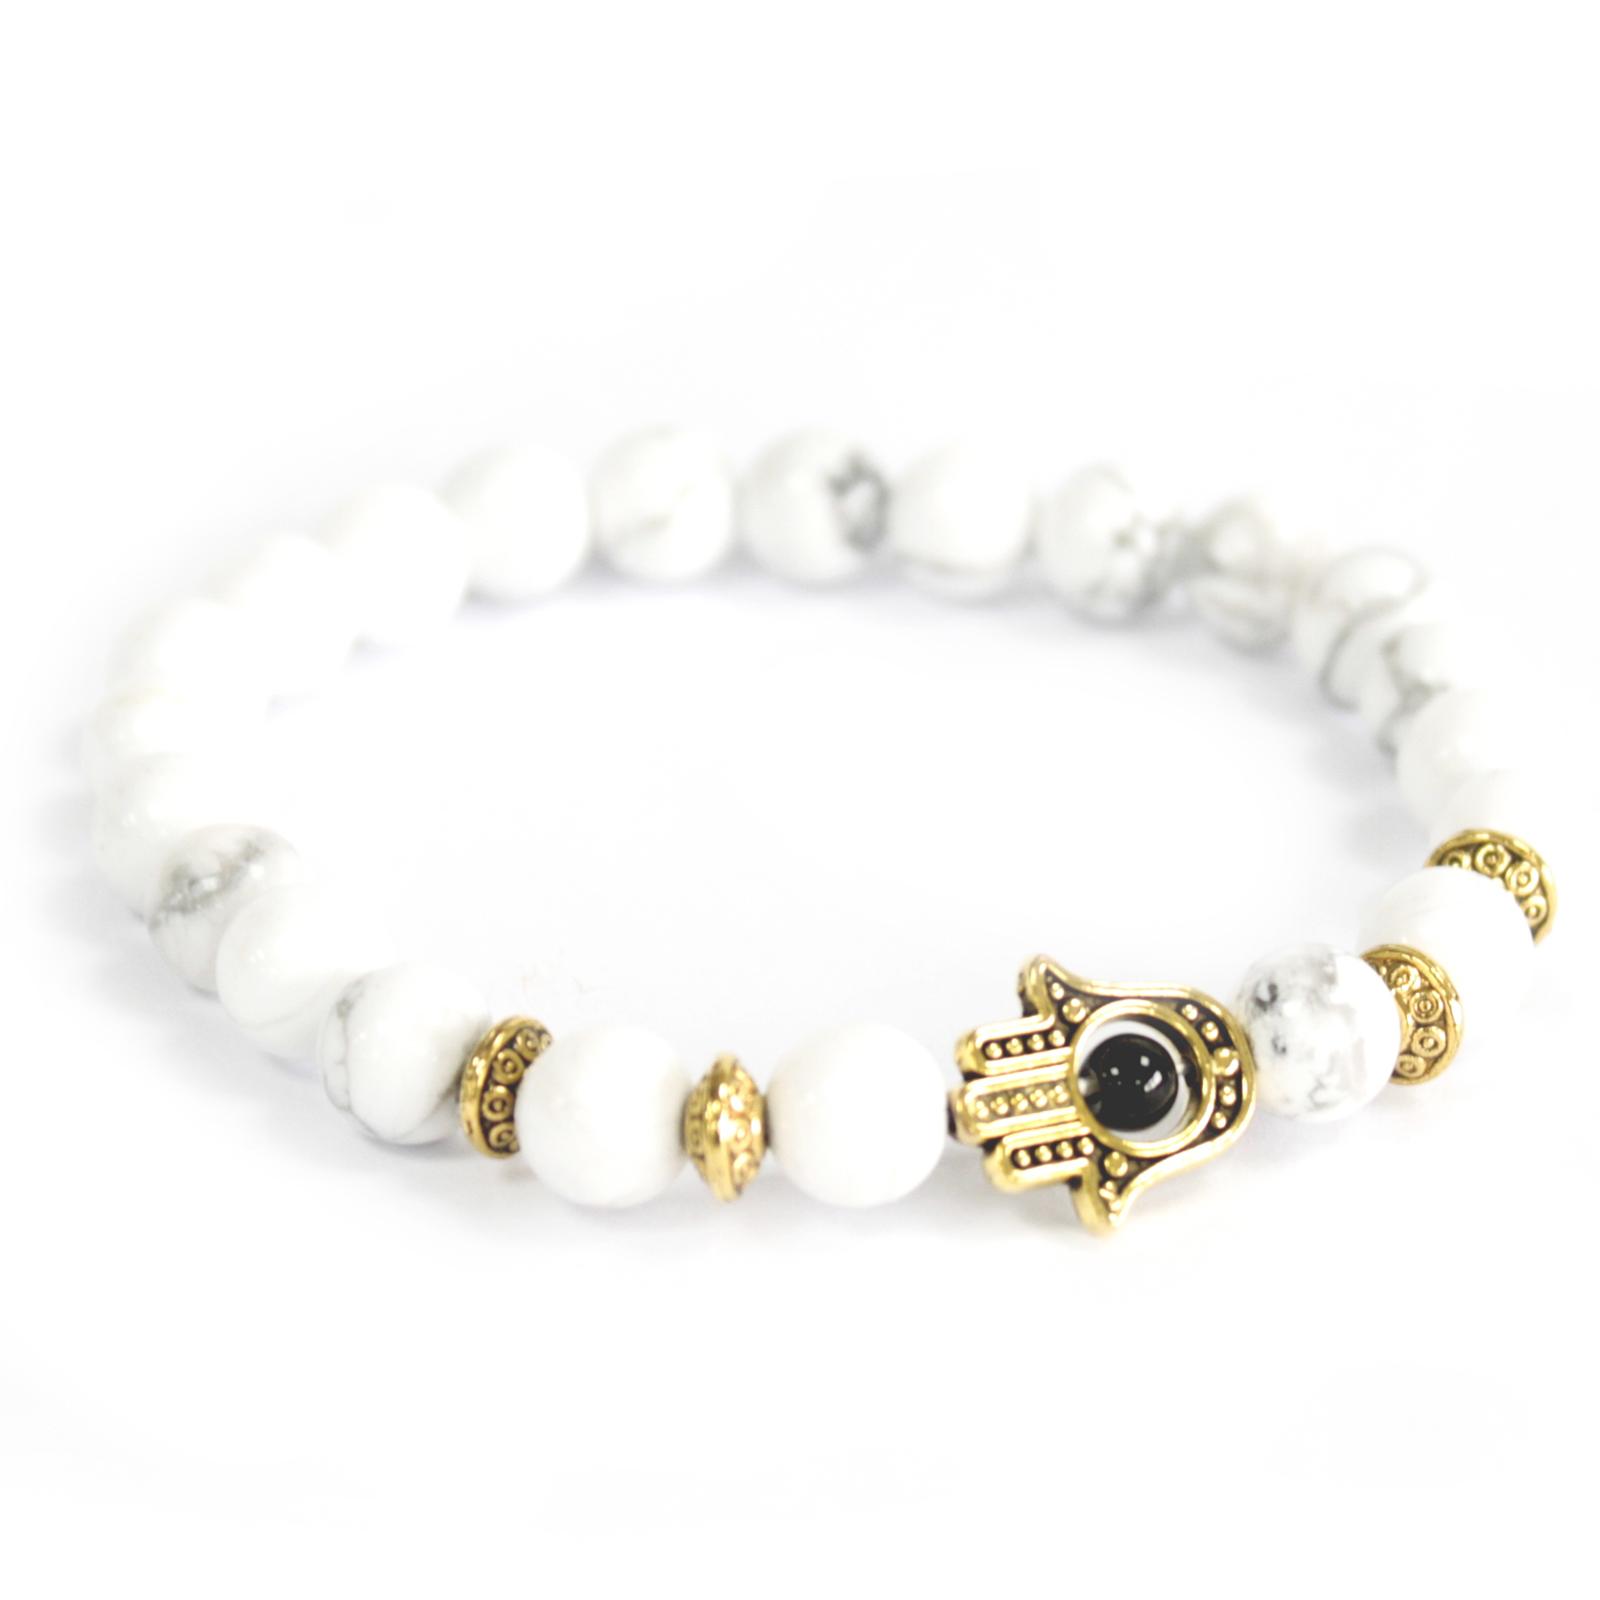 3x Gold Hamsa / White Stone - Gemstone Bracelet